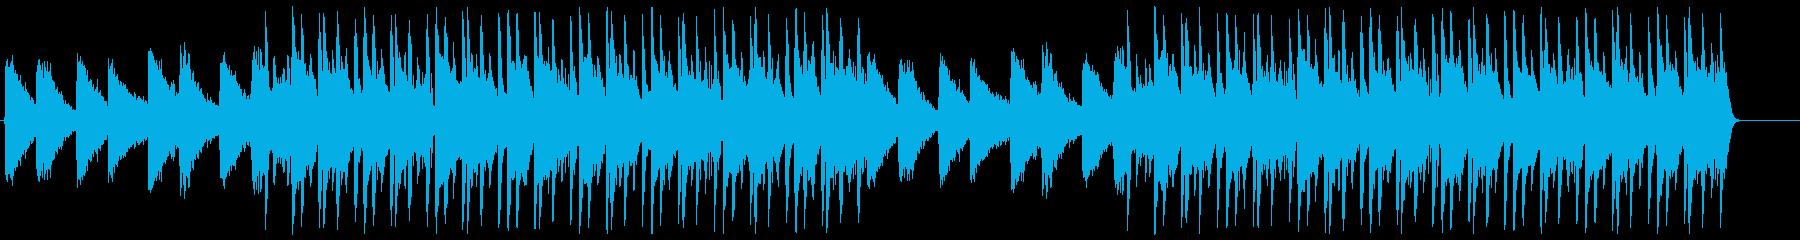 おしゃれでLo-FiなイメージのBGMの再生済みの波形